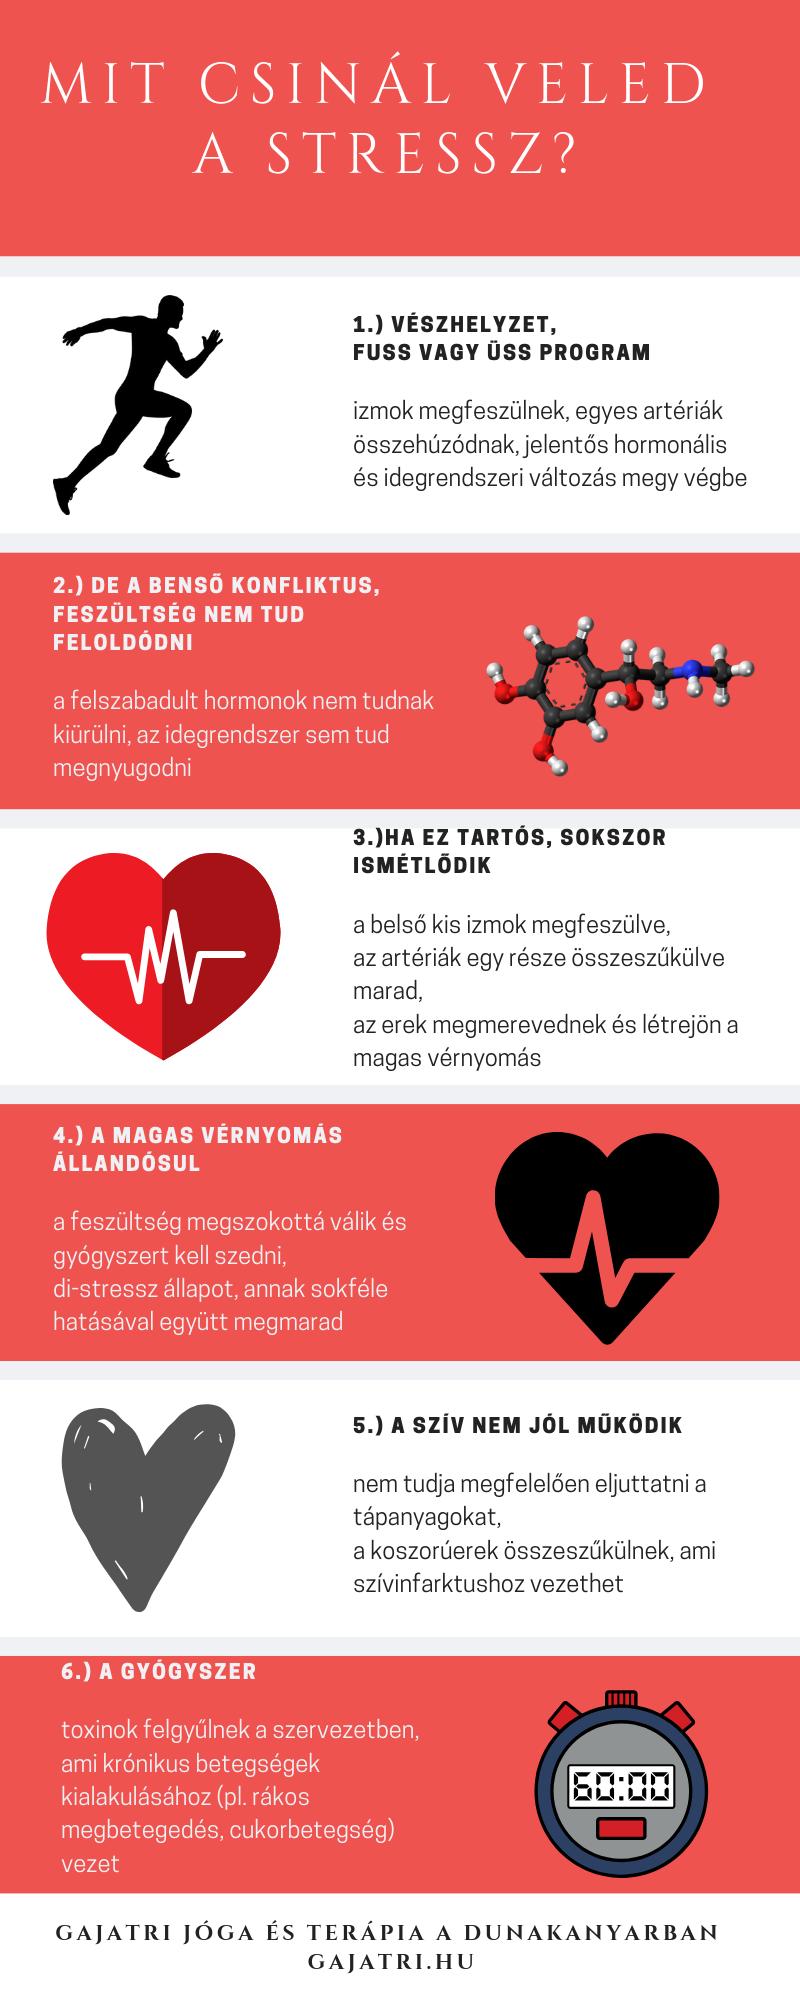 a magas vérnyomás a szív vagy az erek betegsége mi az oka a magas vérnyomásnak